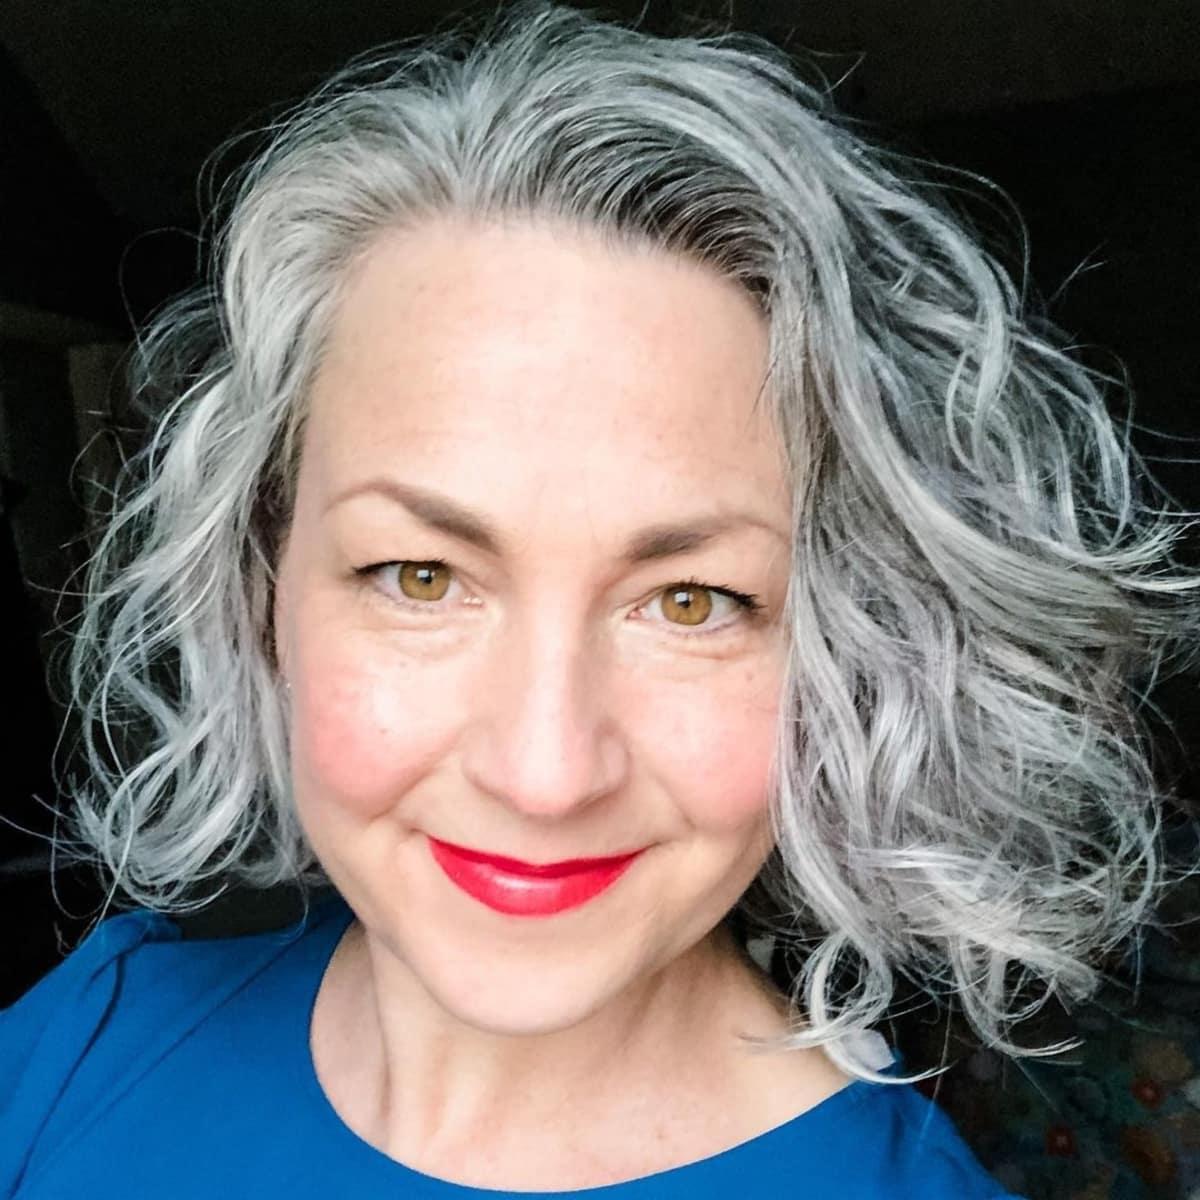 coiffure argentée ondulée de longueur moyenne